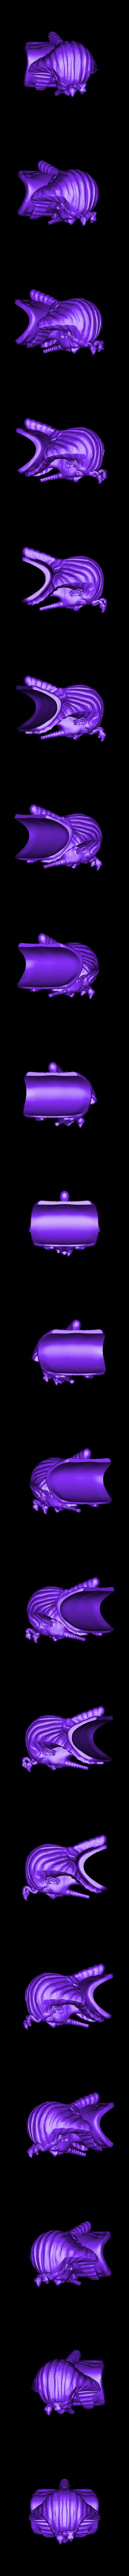 King_Tut.stl Télécharger fichier STL gratuit Roi d'Egypte Tut • Modèle pour impression 3D, quangdo1700